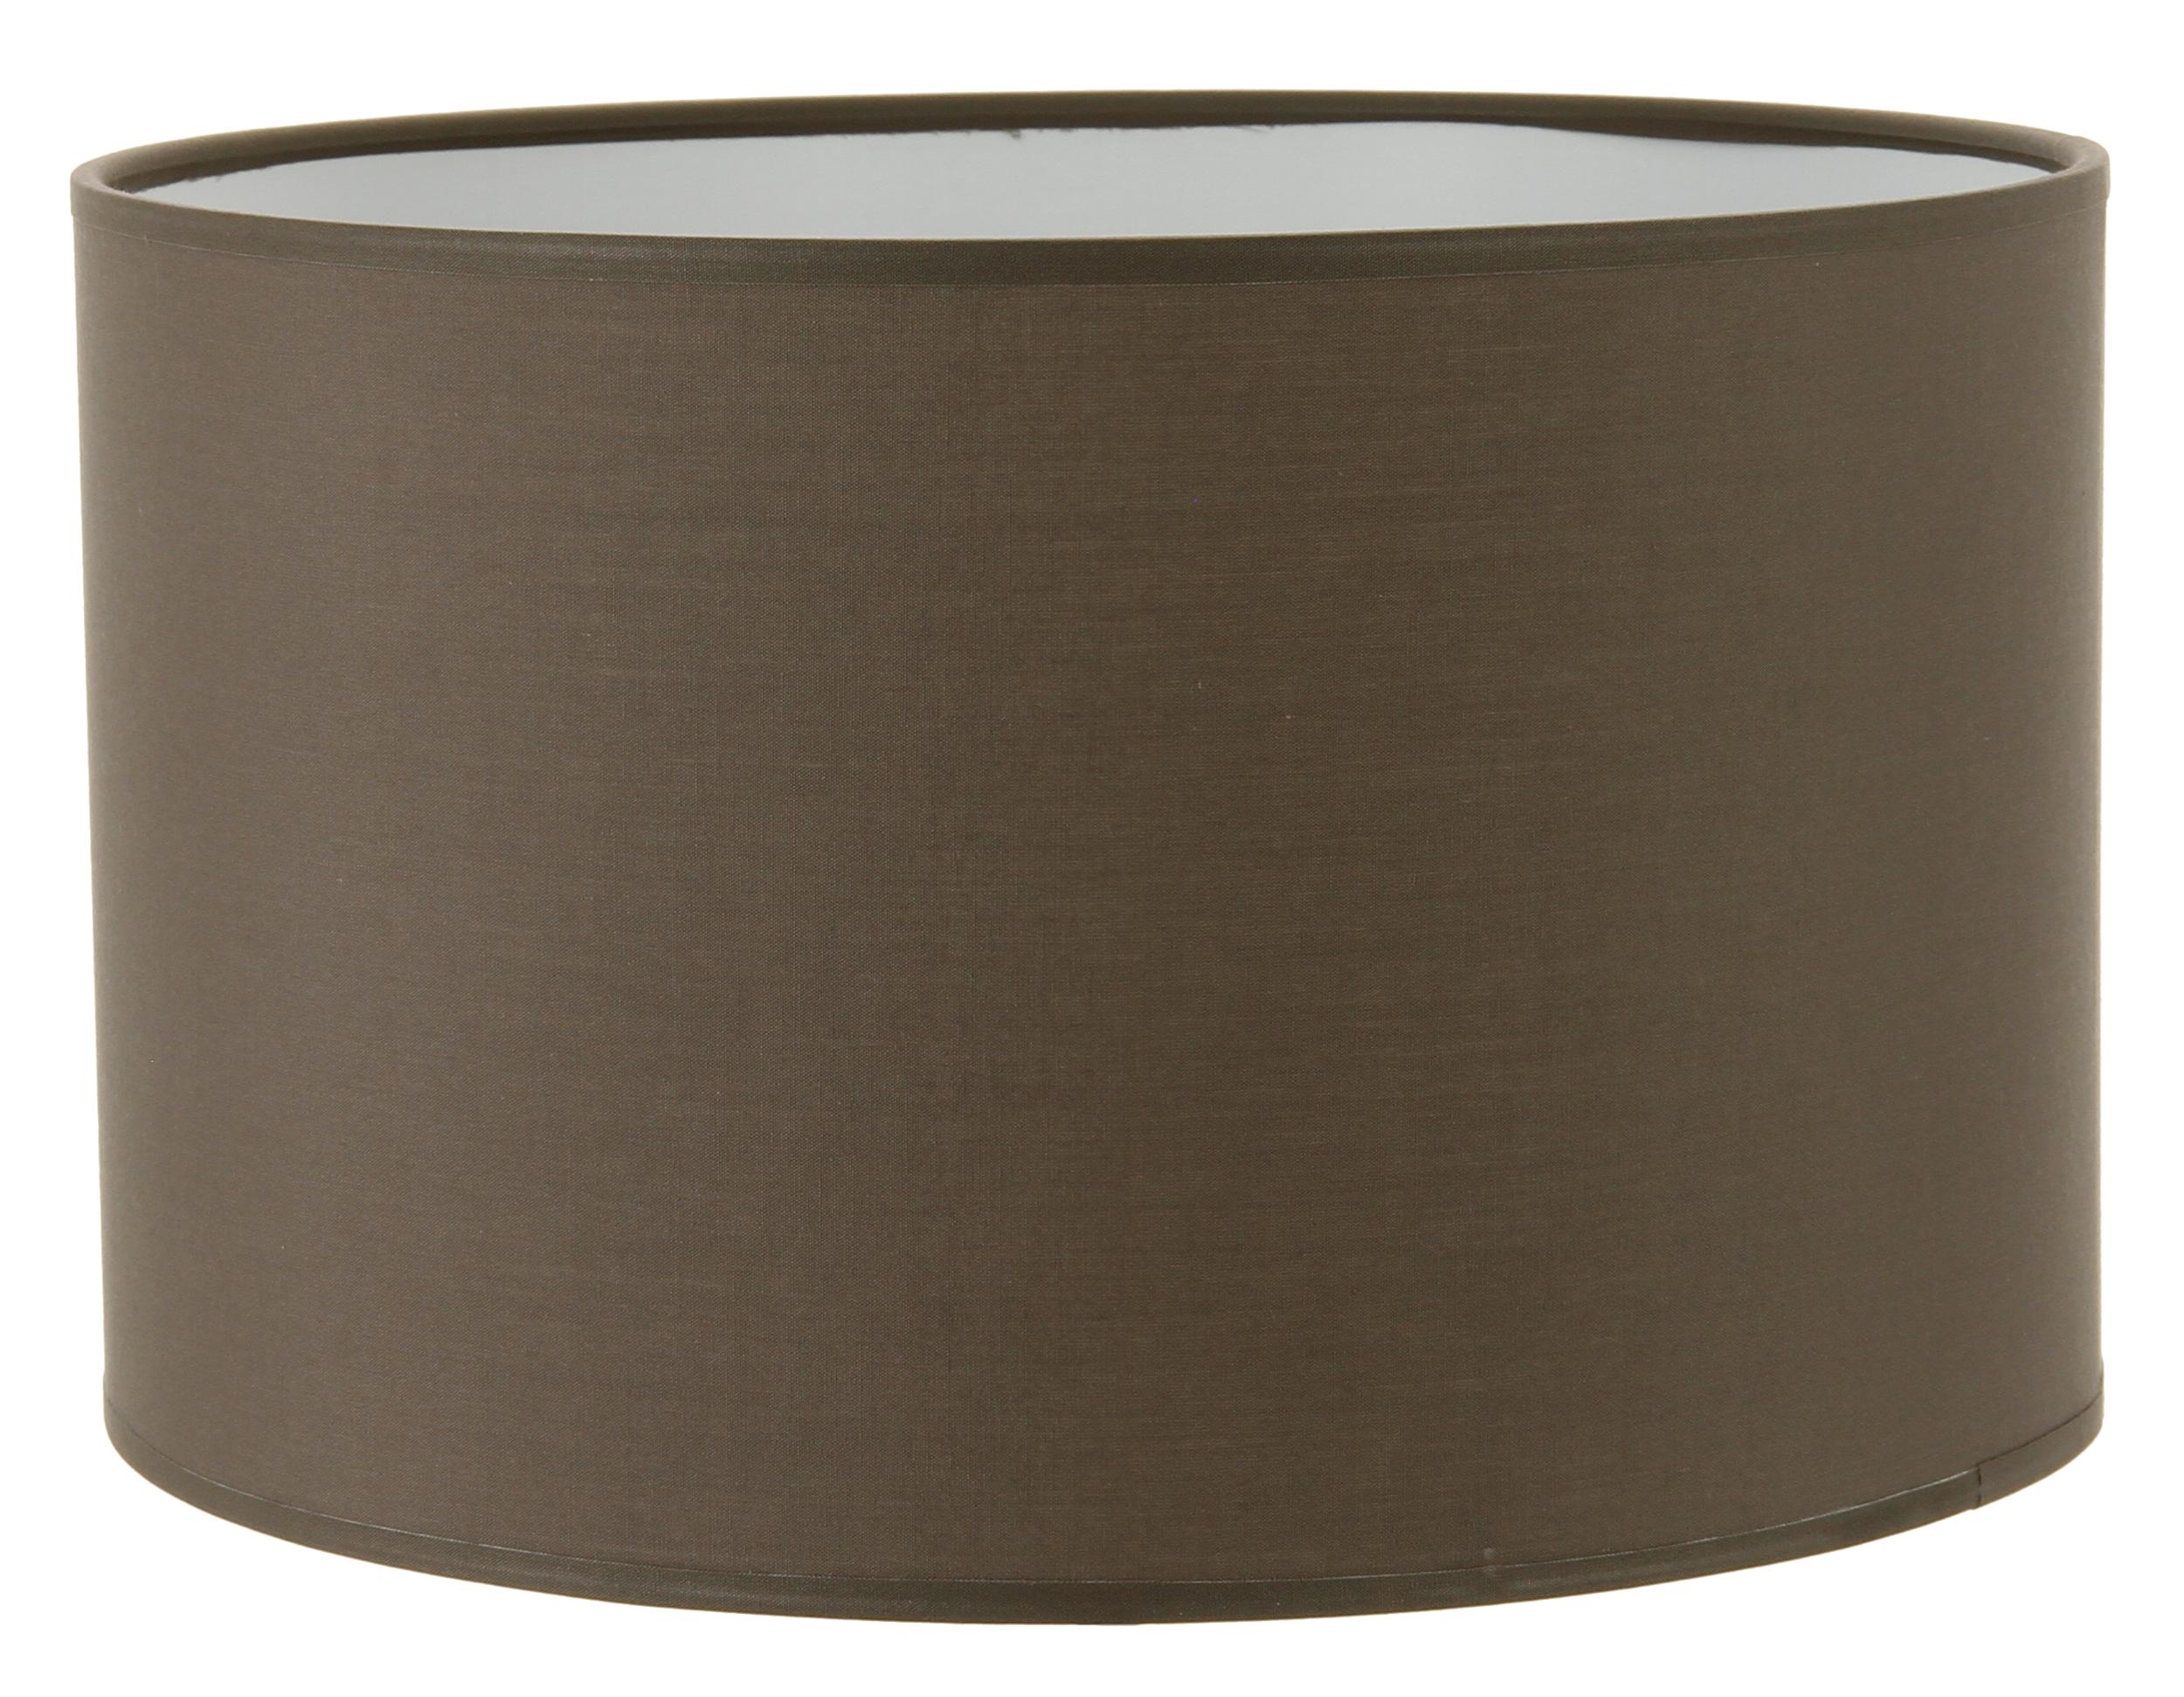 Abat-jour cylindre gris poivre